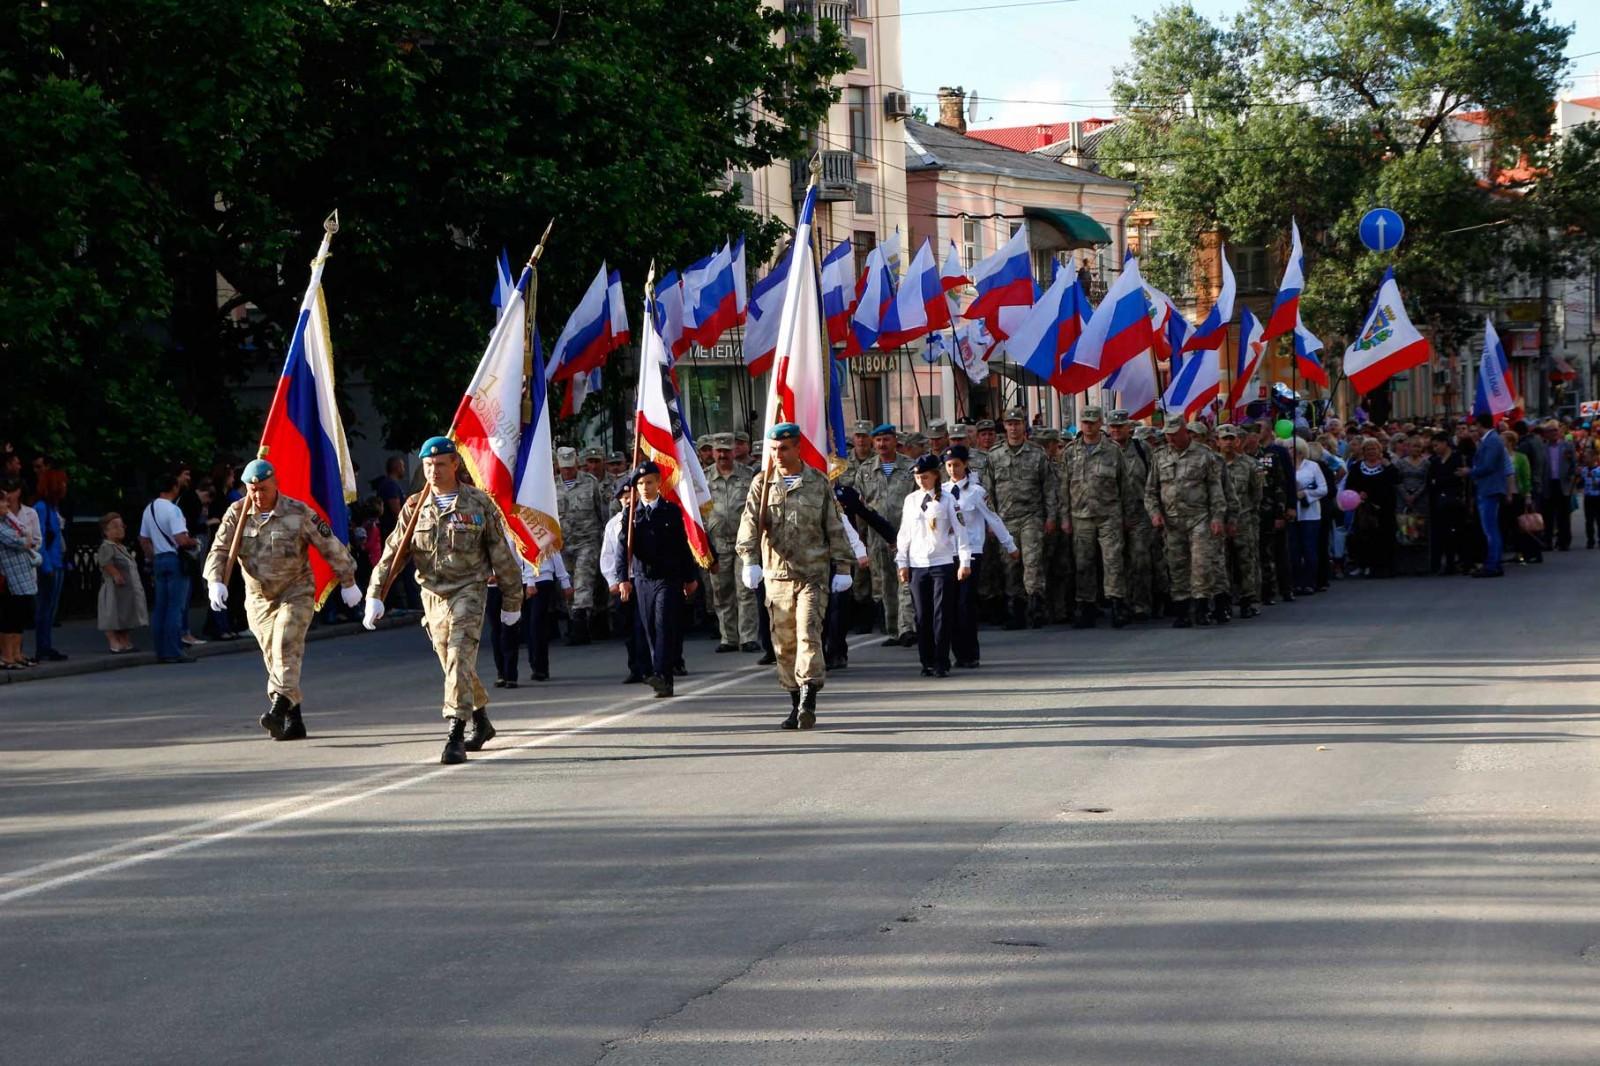 Ополченцы приняли участие в праздновании Дня города Симферополя